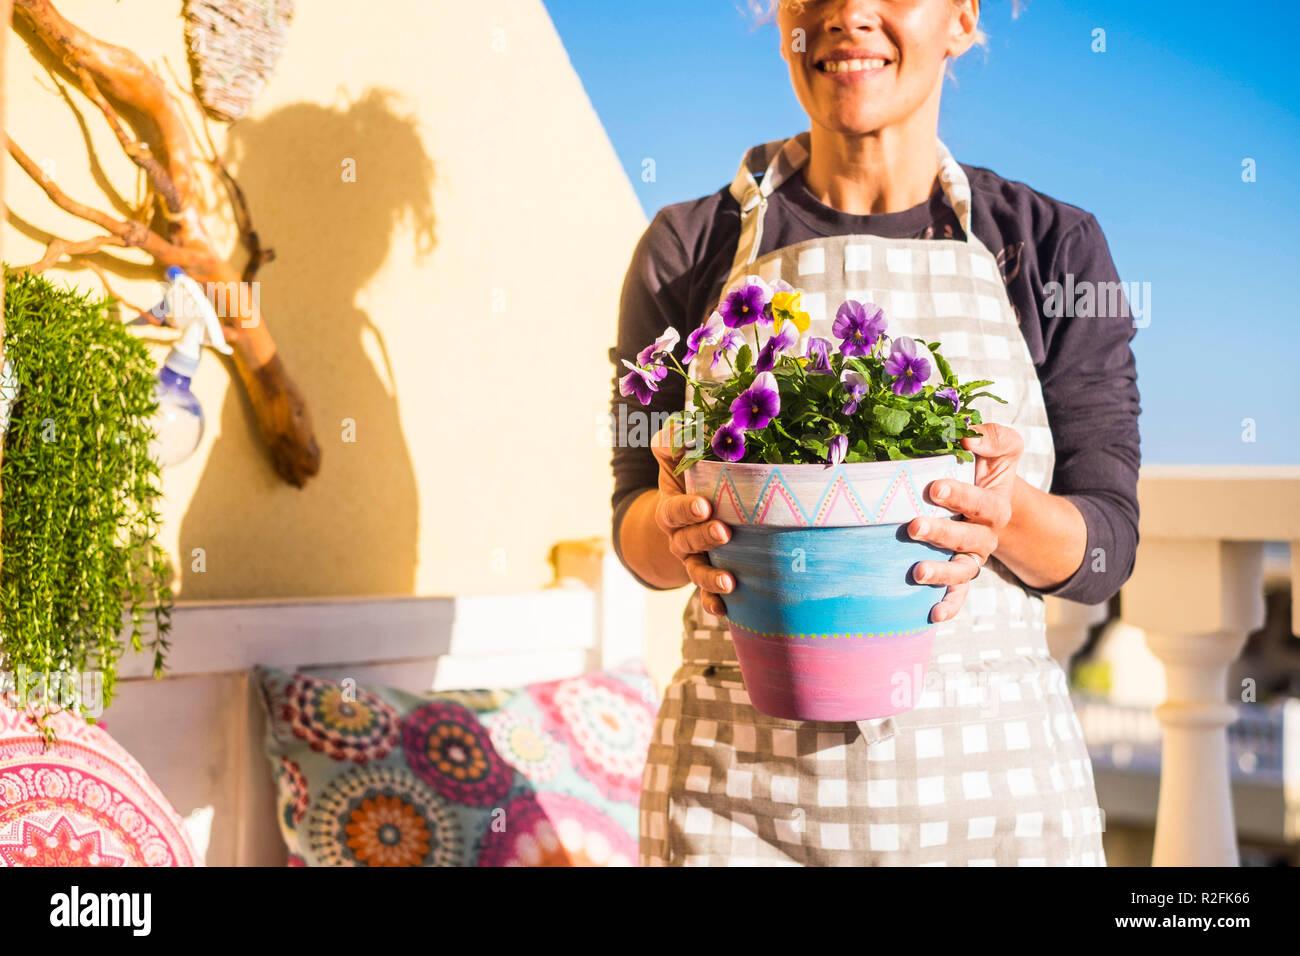 L'âge moyen Beautiful woman smiling au travail sur la terrasse avec un petit jardin. Fait à la main avec des dessins d'art mandala et pastels. La lumière du soleil et le visage coupé Banque D'Images